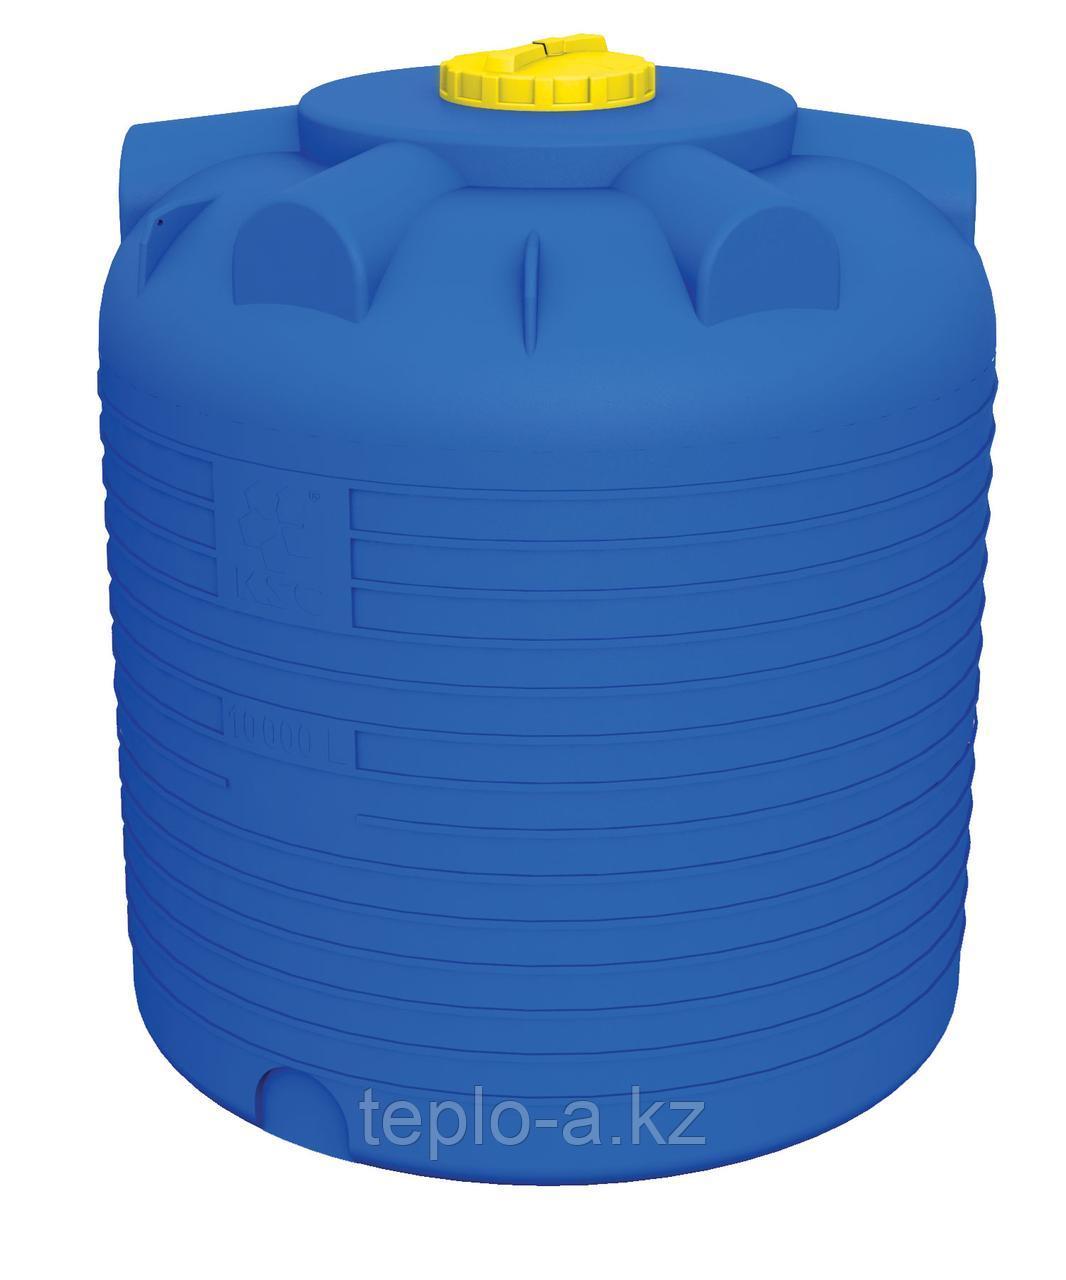 Емкость цилиндрическая 750 литров для воды, дизельного топлива